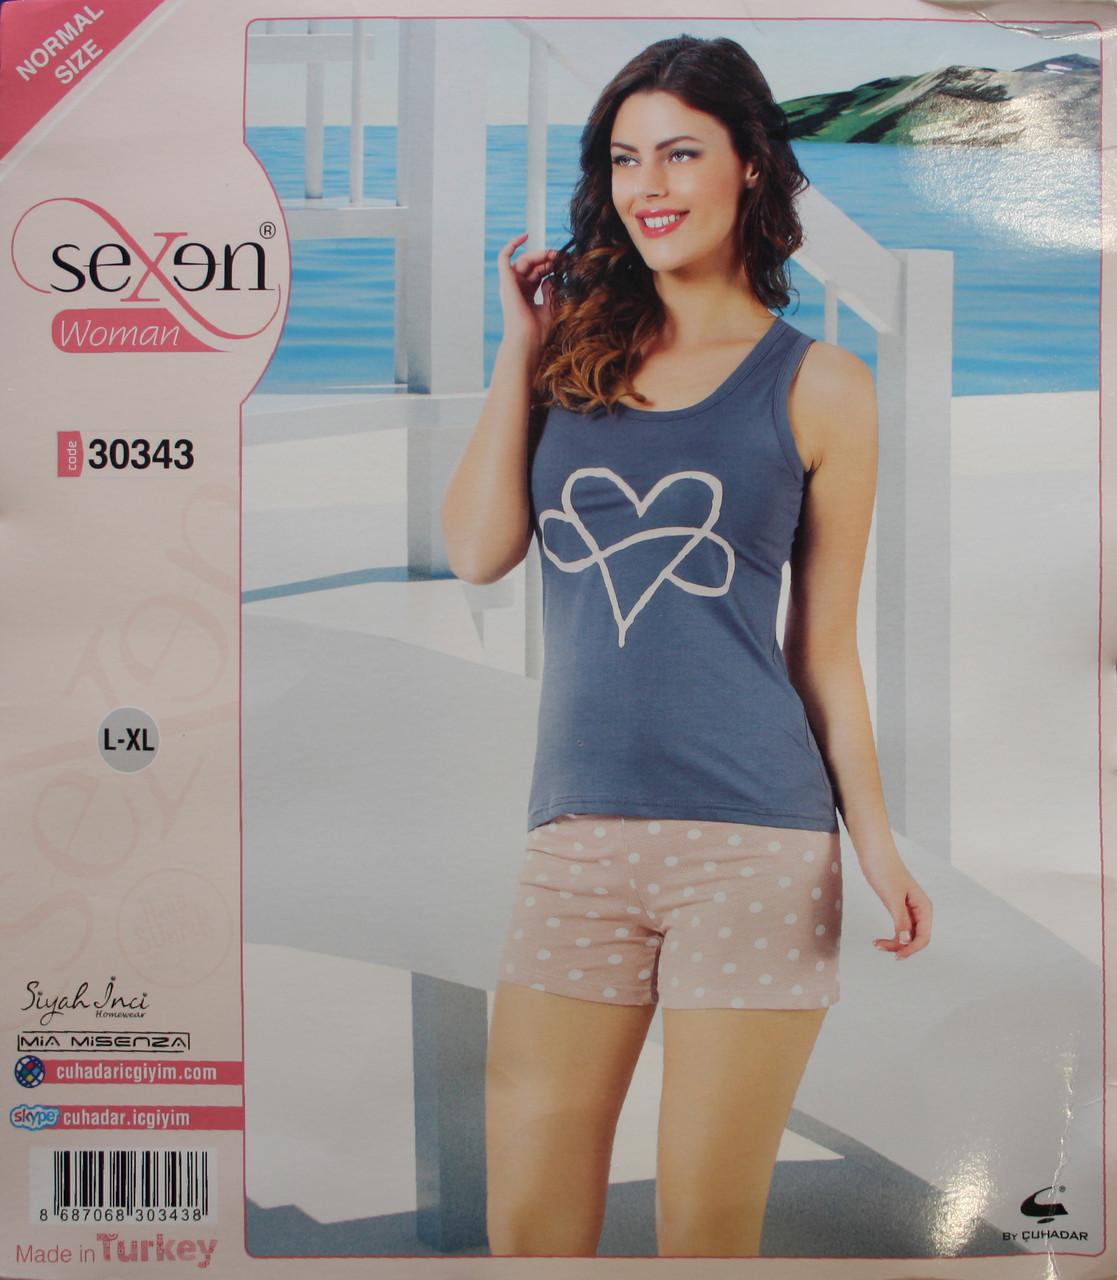 Летняя пижама для женщин - шорты и майка SEXEN 30343